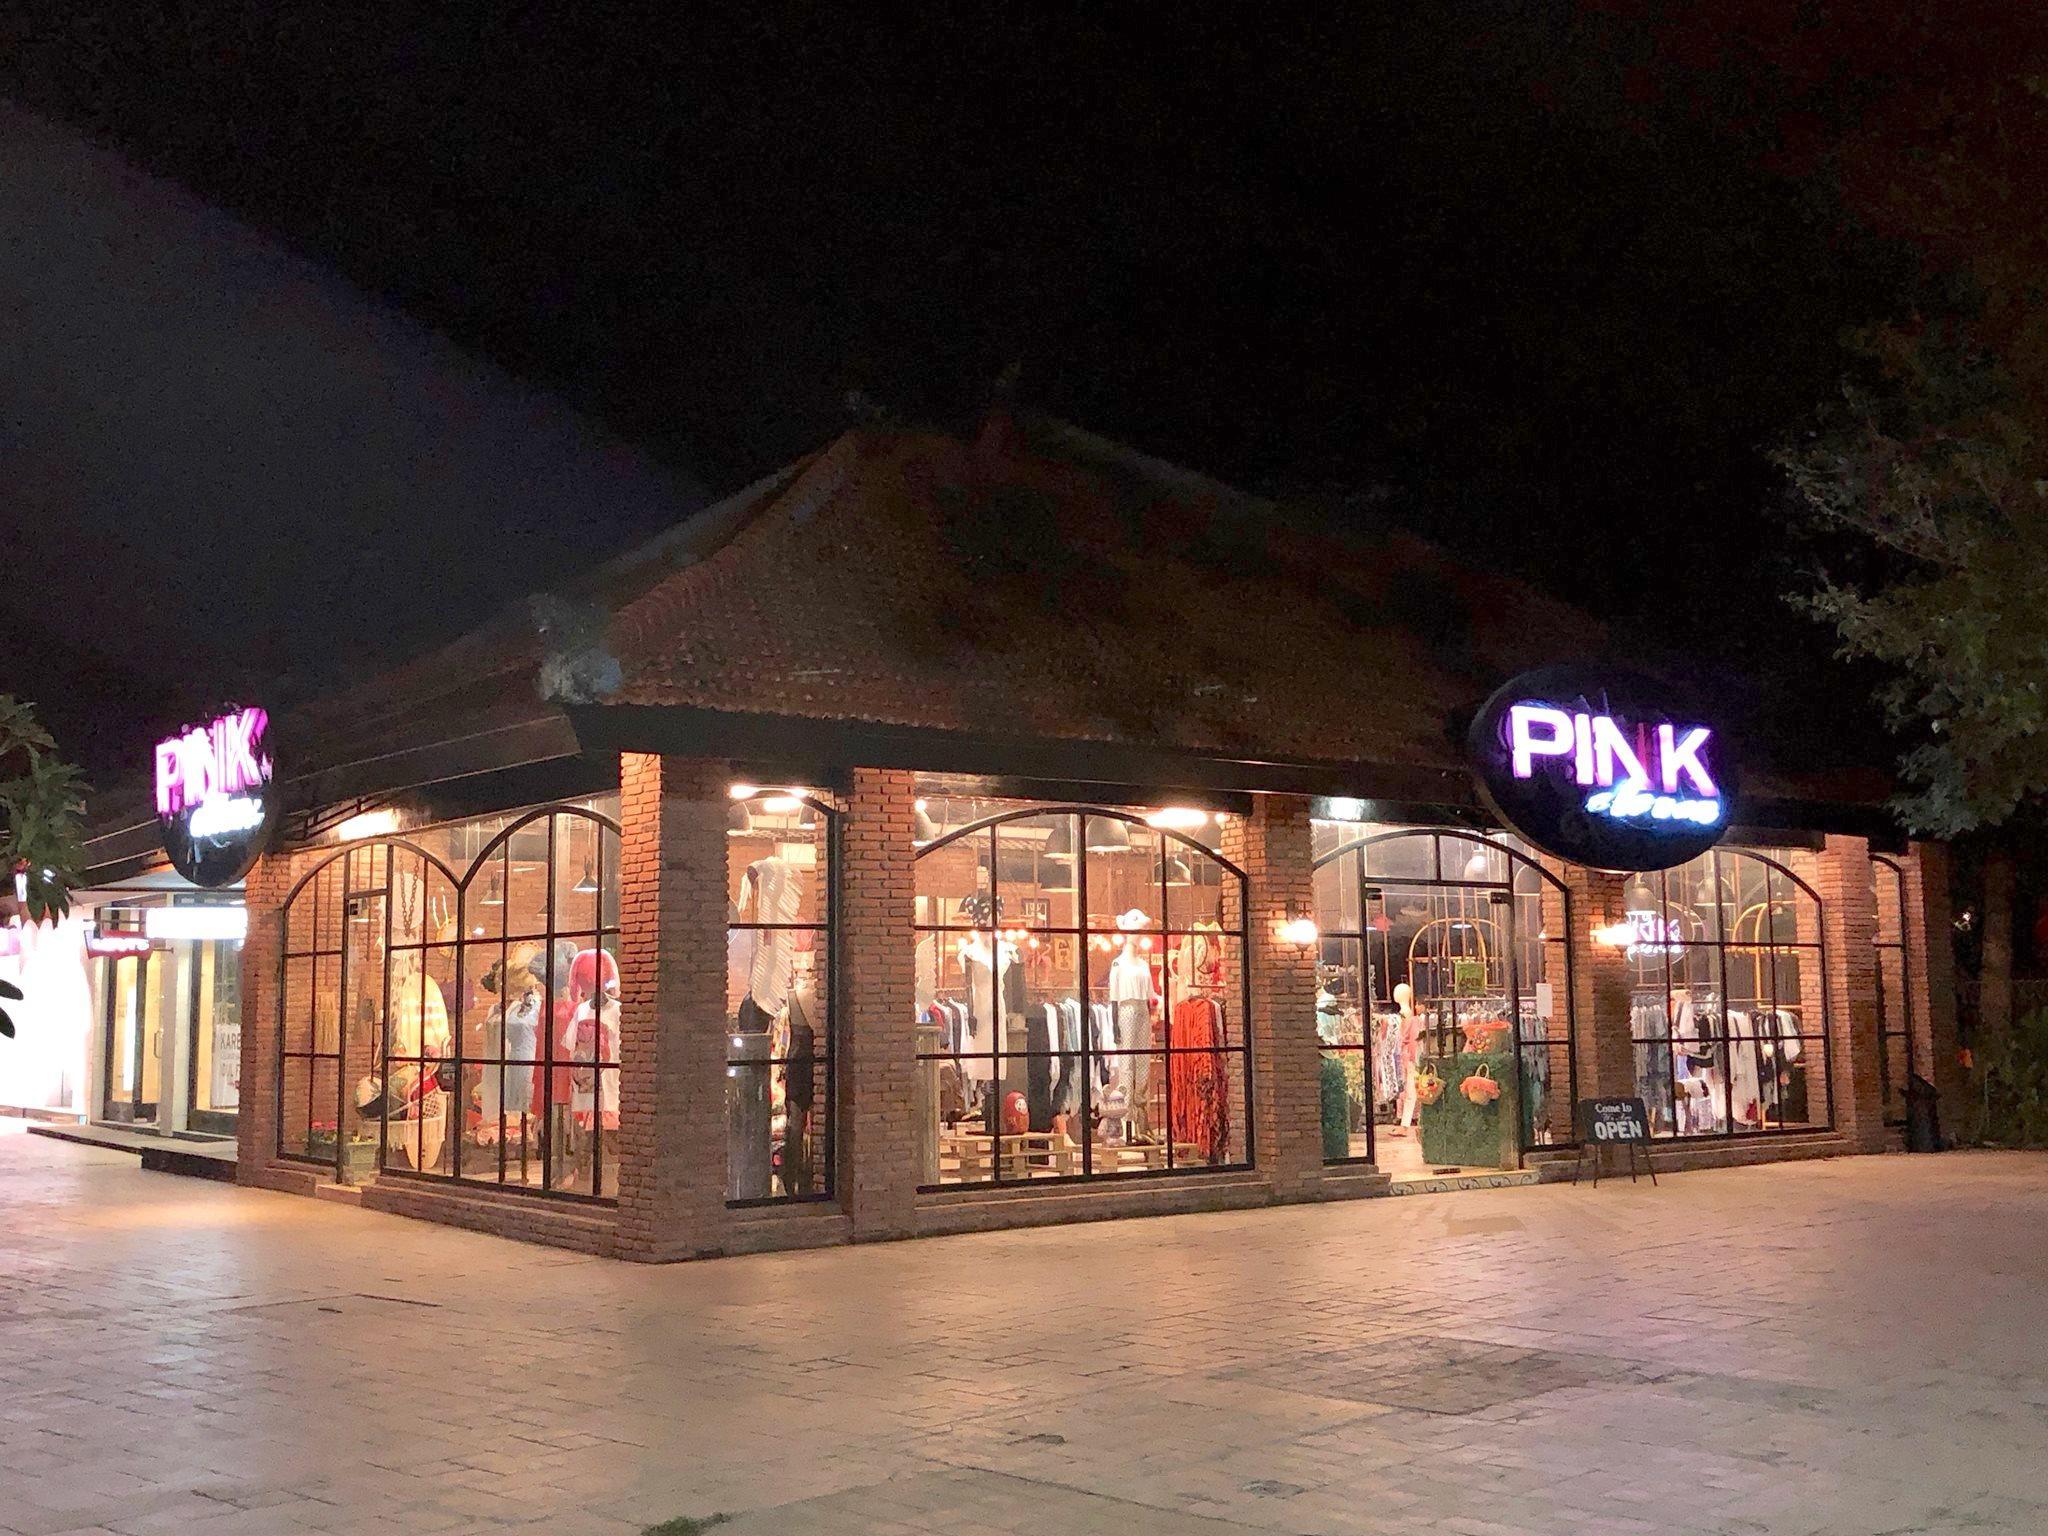 PINK eleven